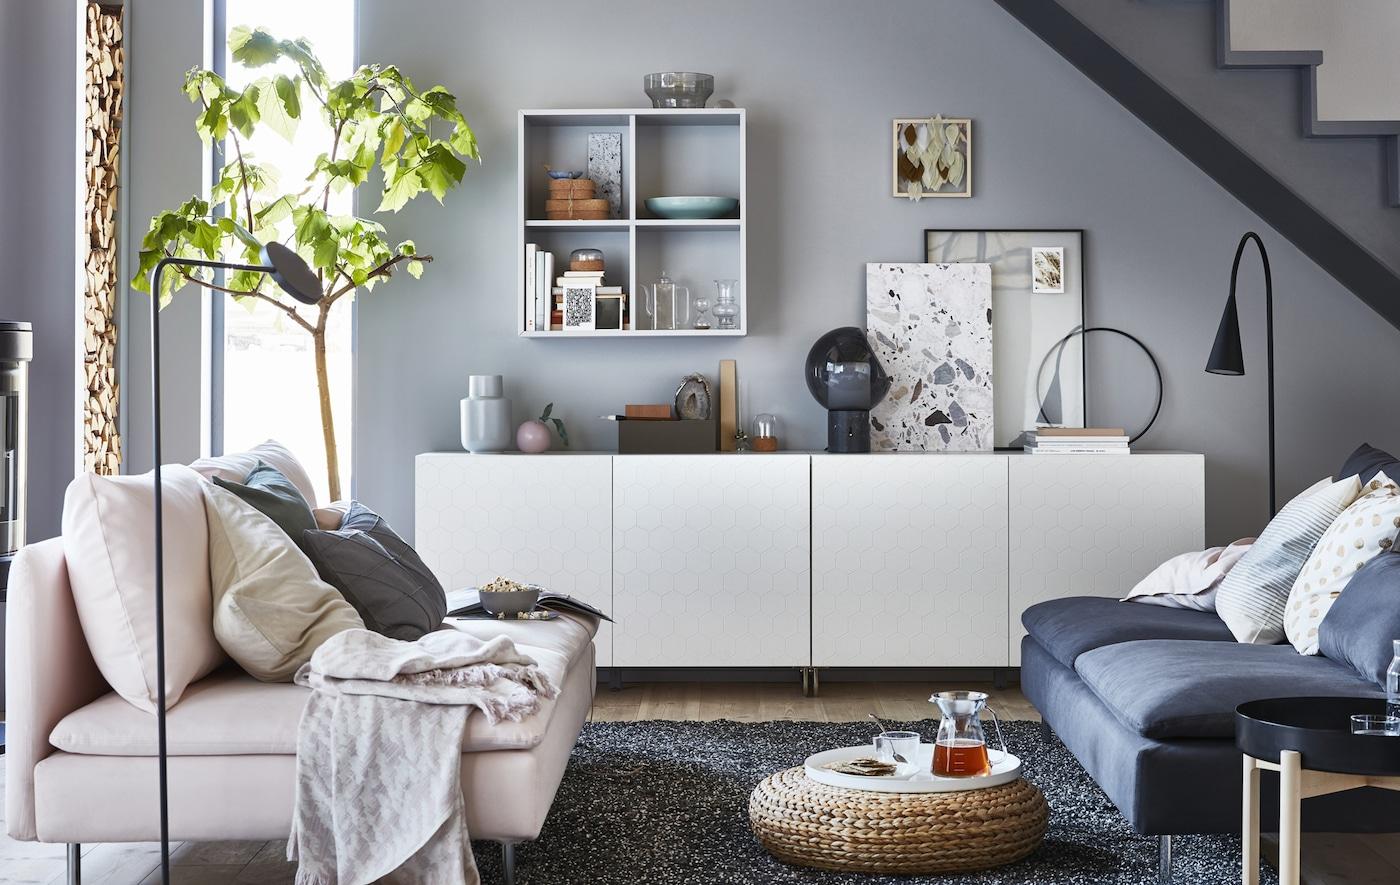 Fesselnd Ein Modernes Wohnzimmer In Grau Weiß Mit Niedrigem Weißen  Aufbewahrungselement U0026 Weißer Kommode